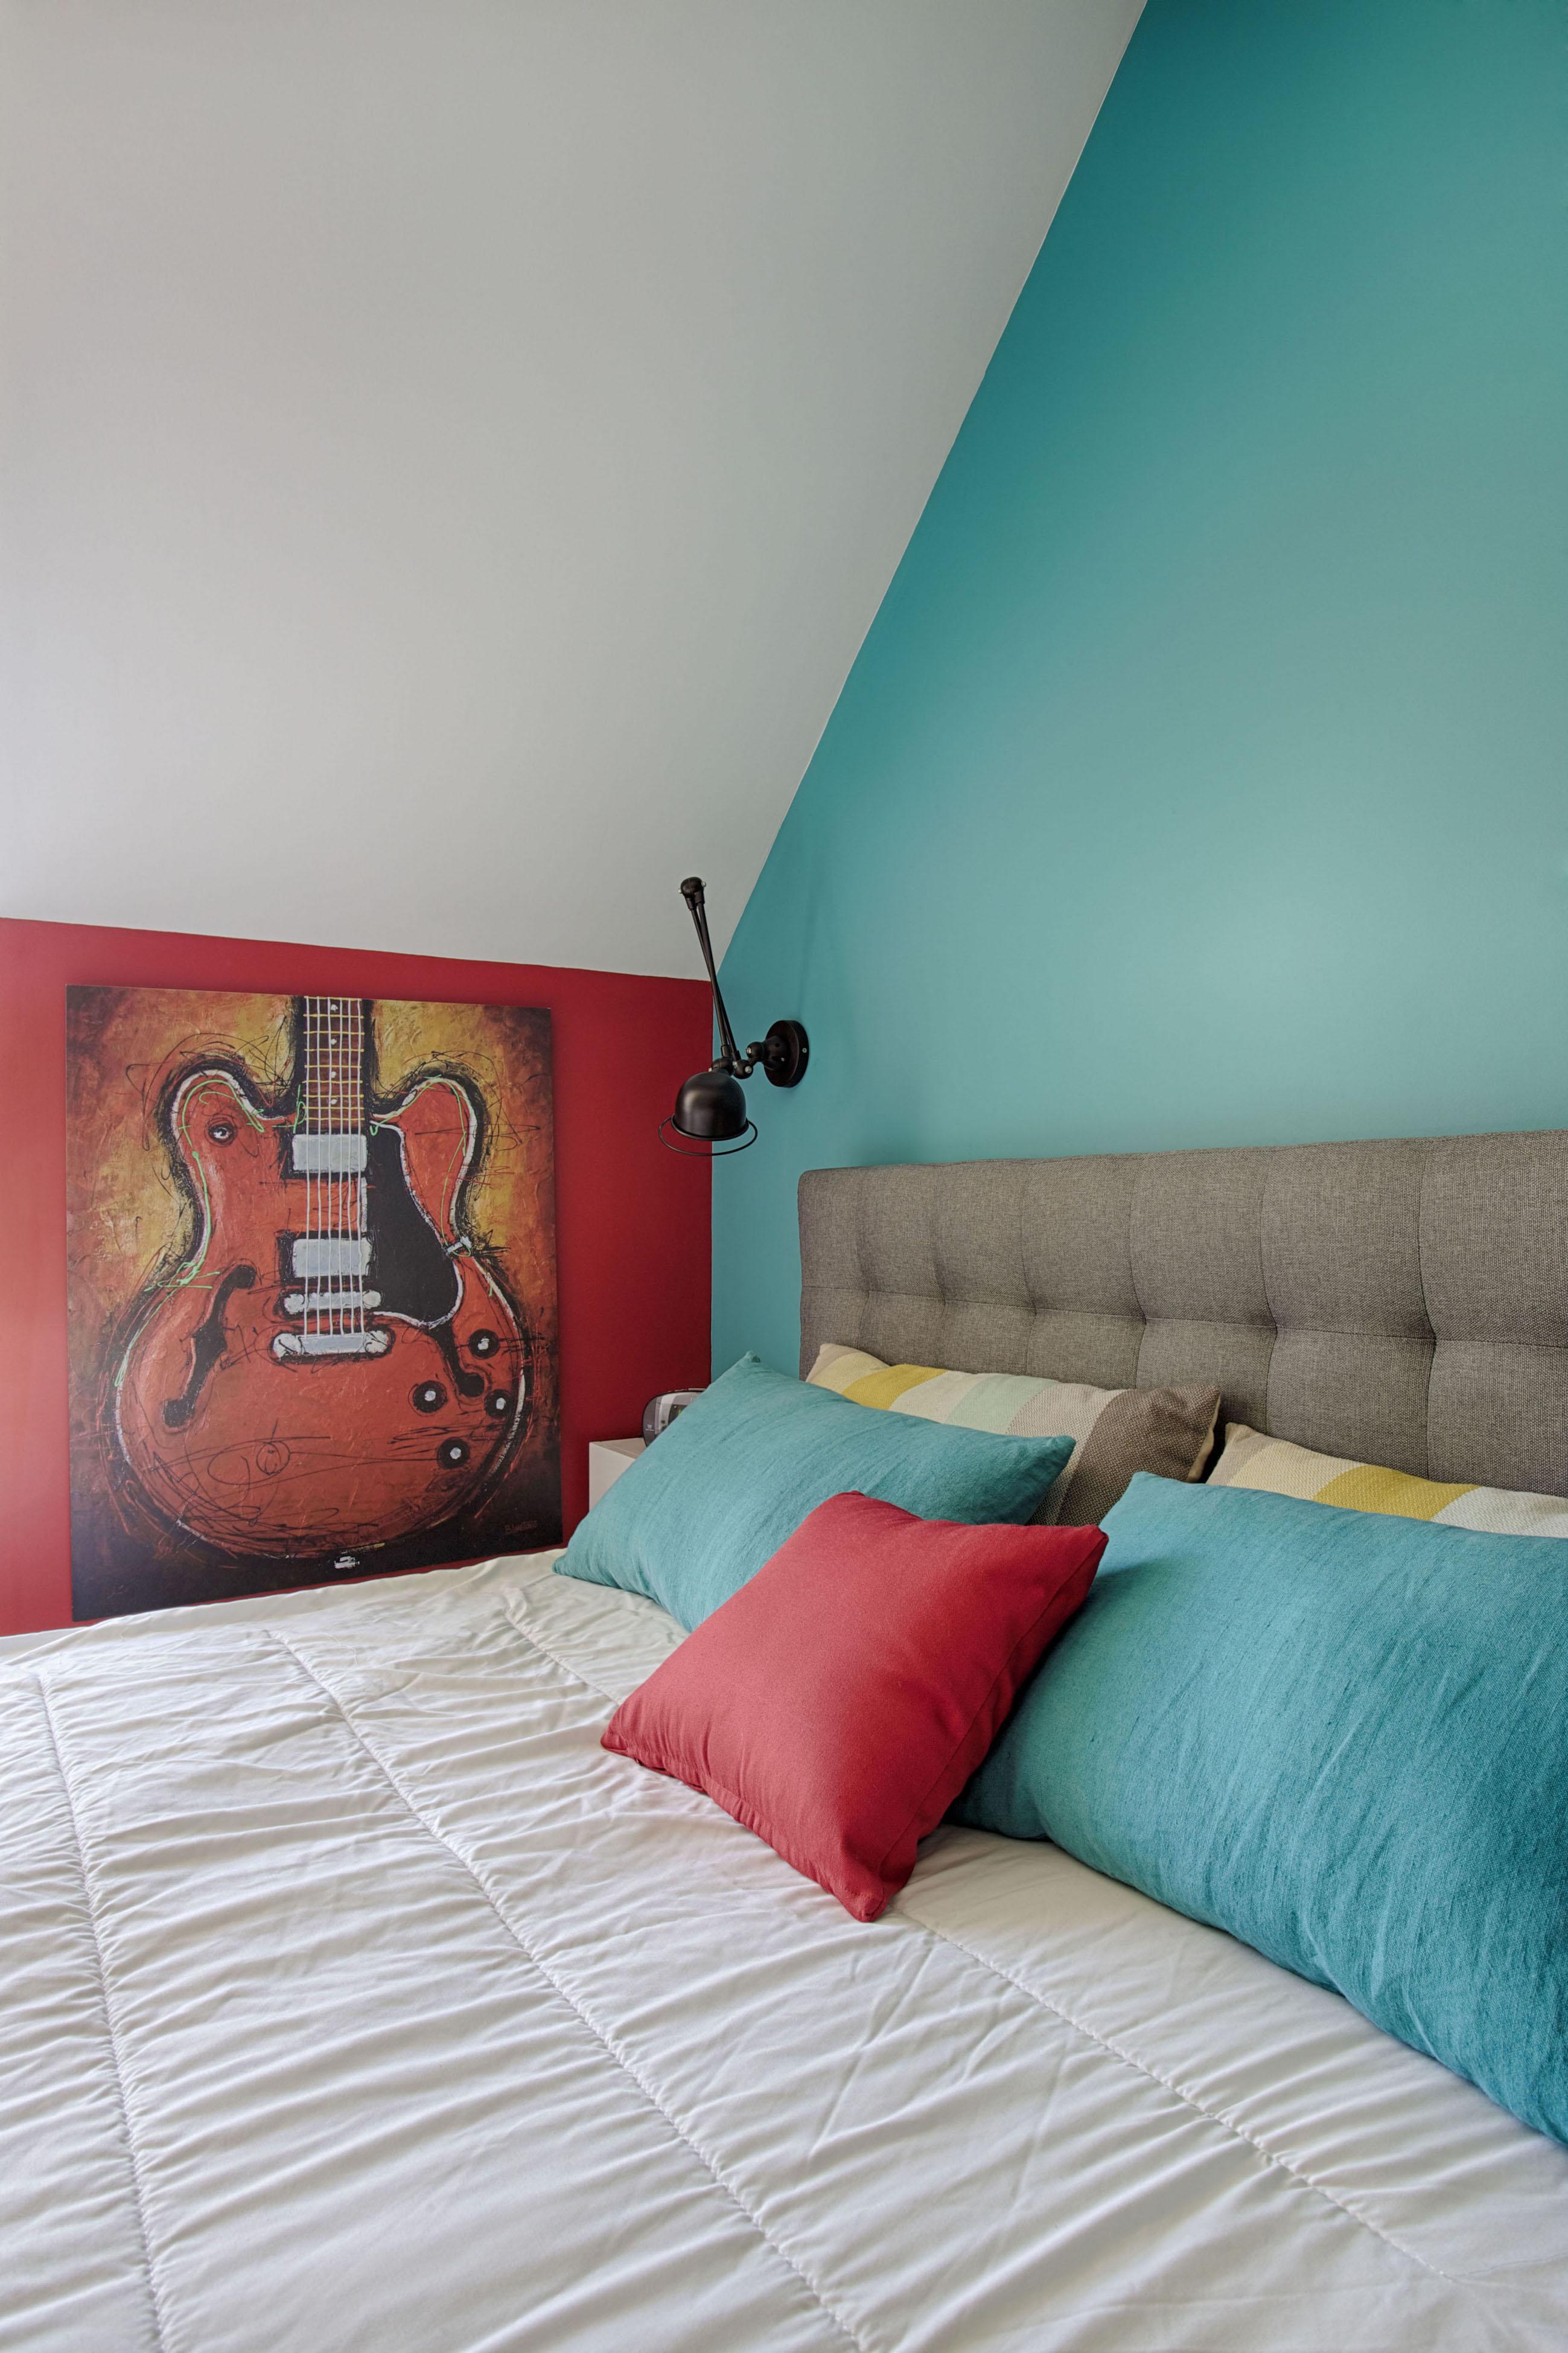 Chambre avec guitare par Peggy Guezello 1001 idées